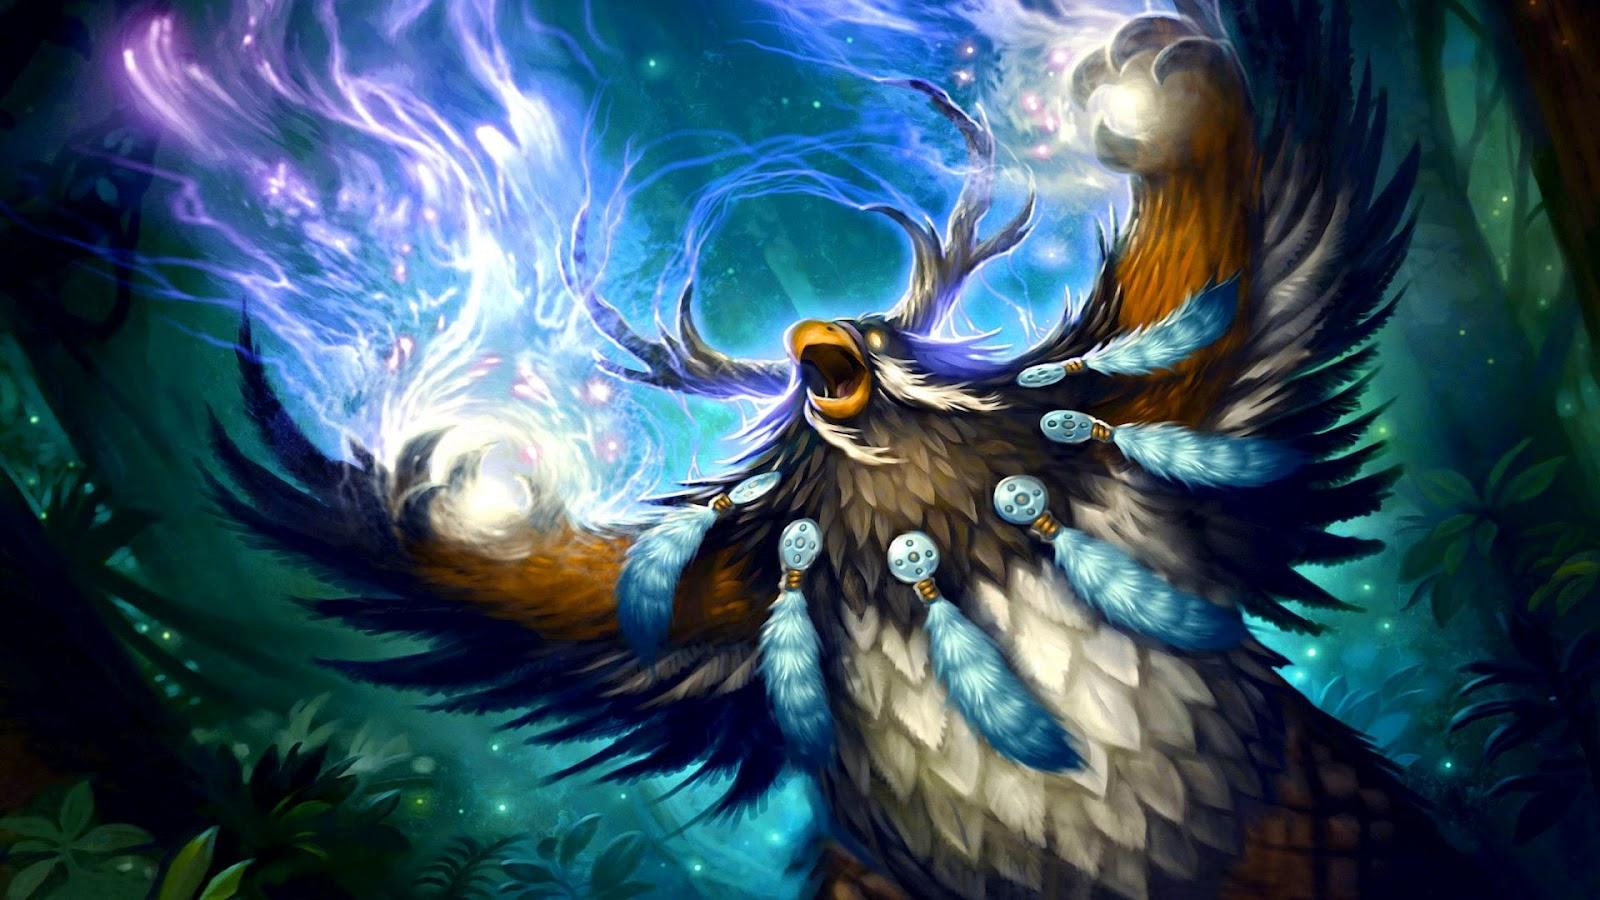 http://4.bp.blogspot.com/-_F2gSbWR24g/UA6qyN4IsAI/AAAAAAAAA6M/yMo4p22uWE4/s1600/world-of-warcraft-online-game-wallpaper_1920x1080_85687.jpg